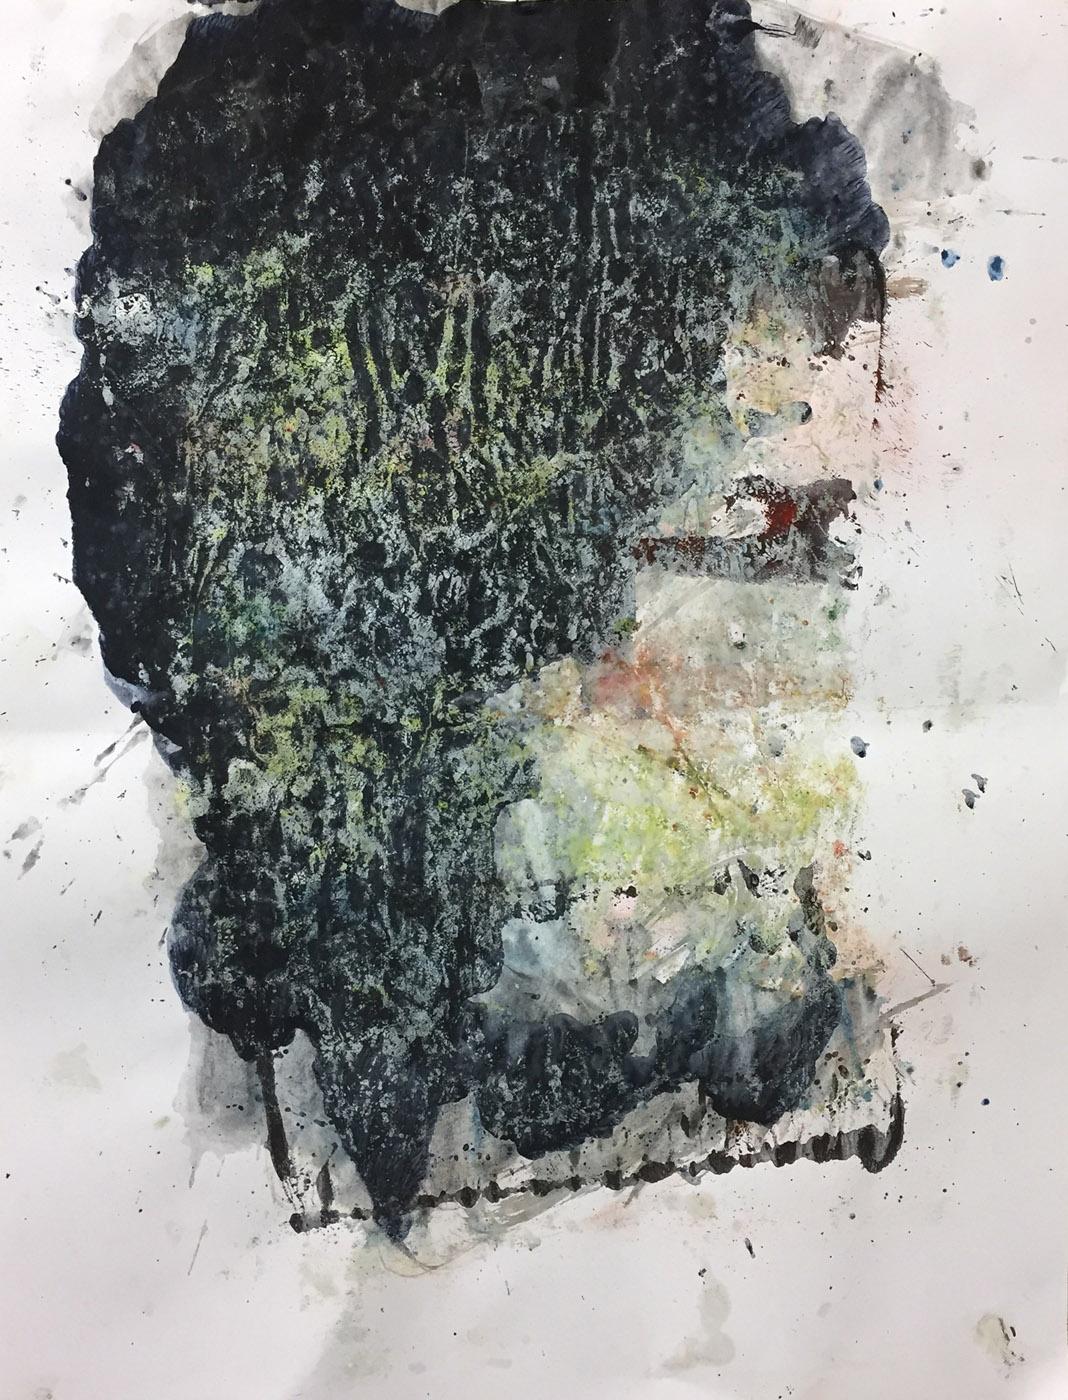 MARC FELD 2019 PIERRE SANS CHAGRIN Acrylique, gouache et pigments sur papier 50 x 65 cm